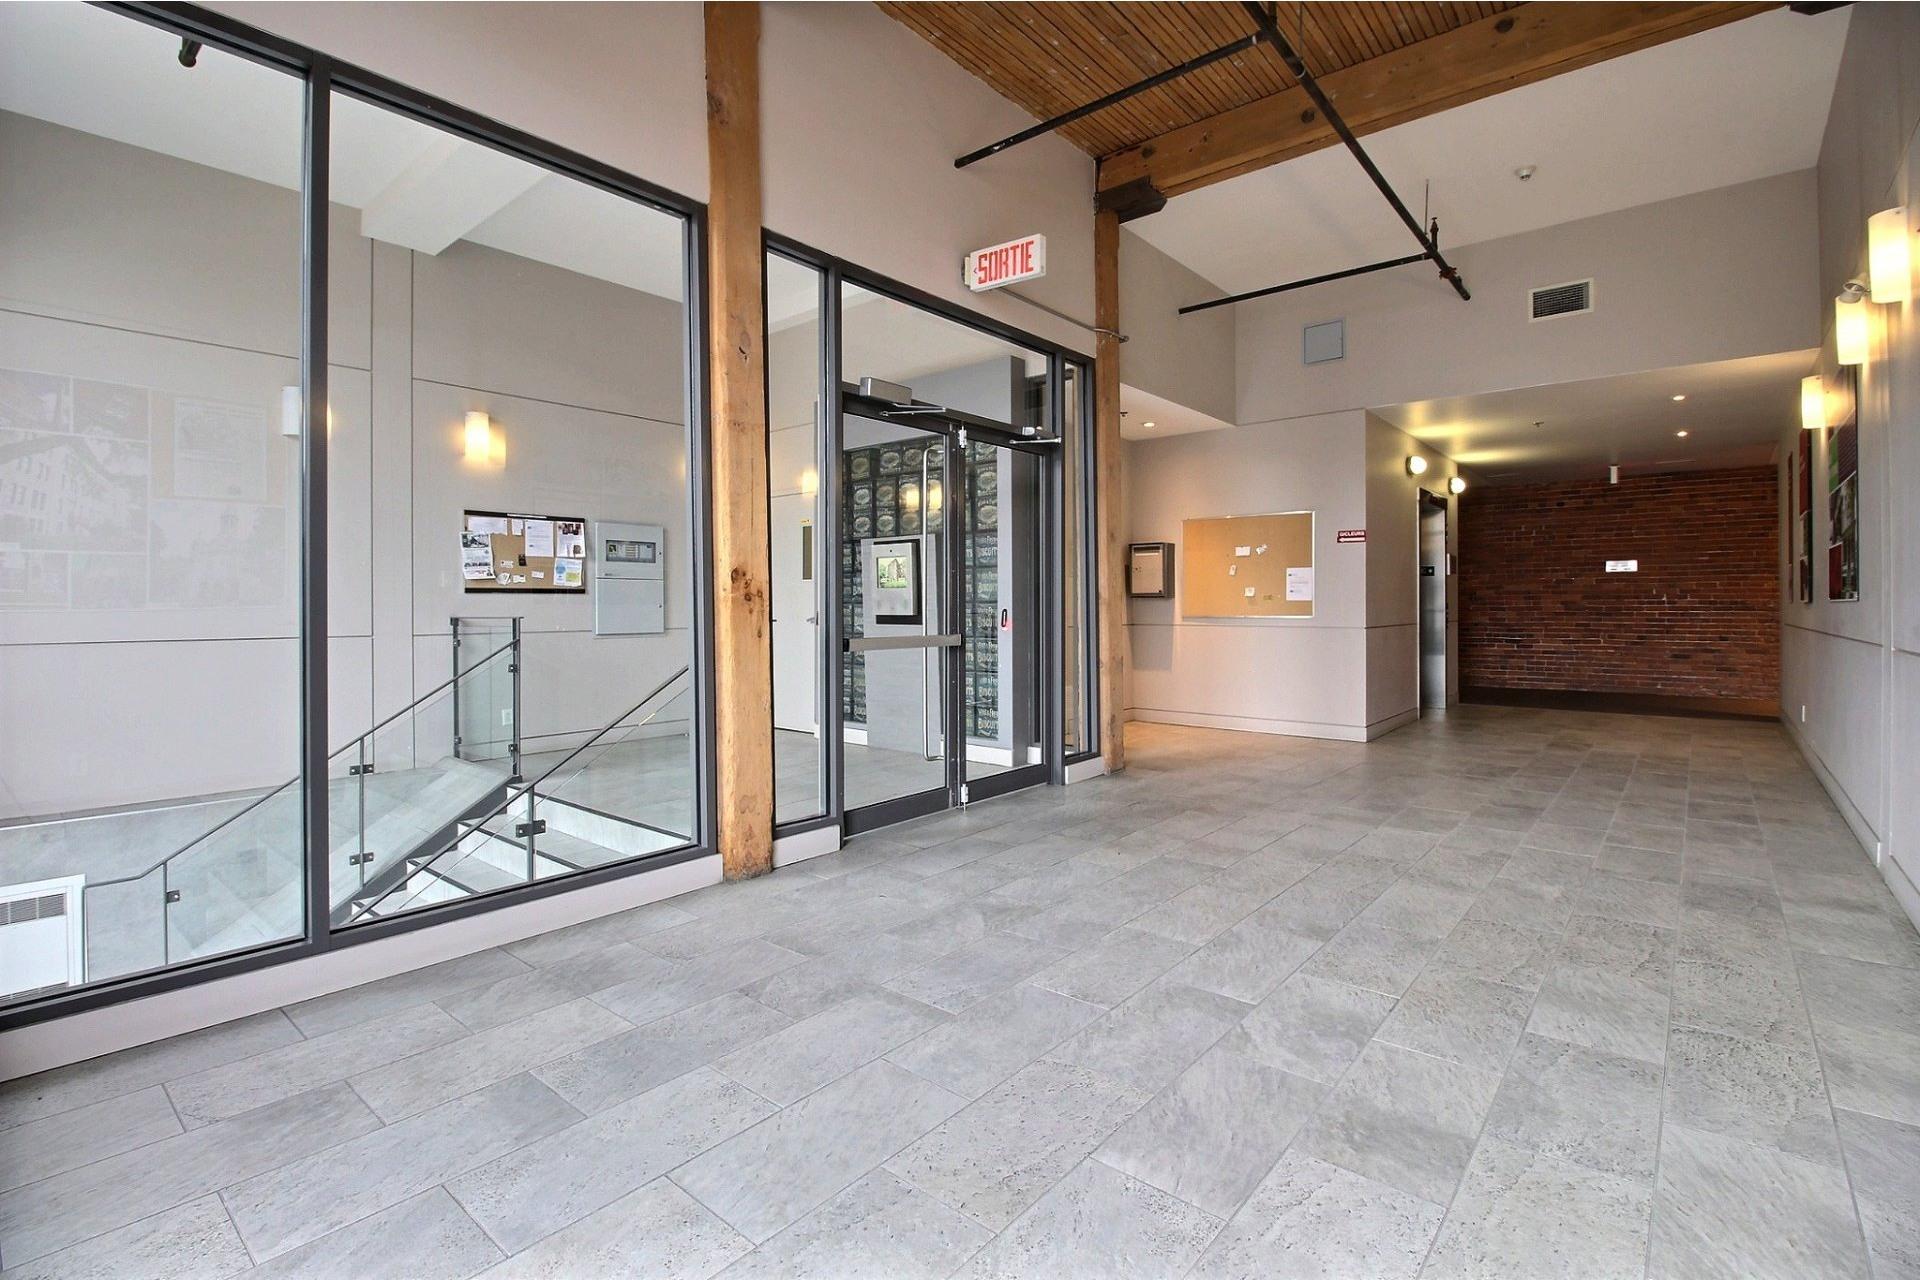 image 5 - Apartment For rent Mercier/Hochelaga-Maisonneuve Montréal  - 6 rooms